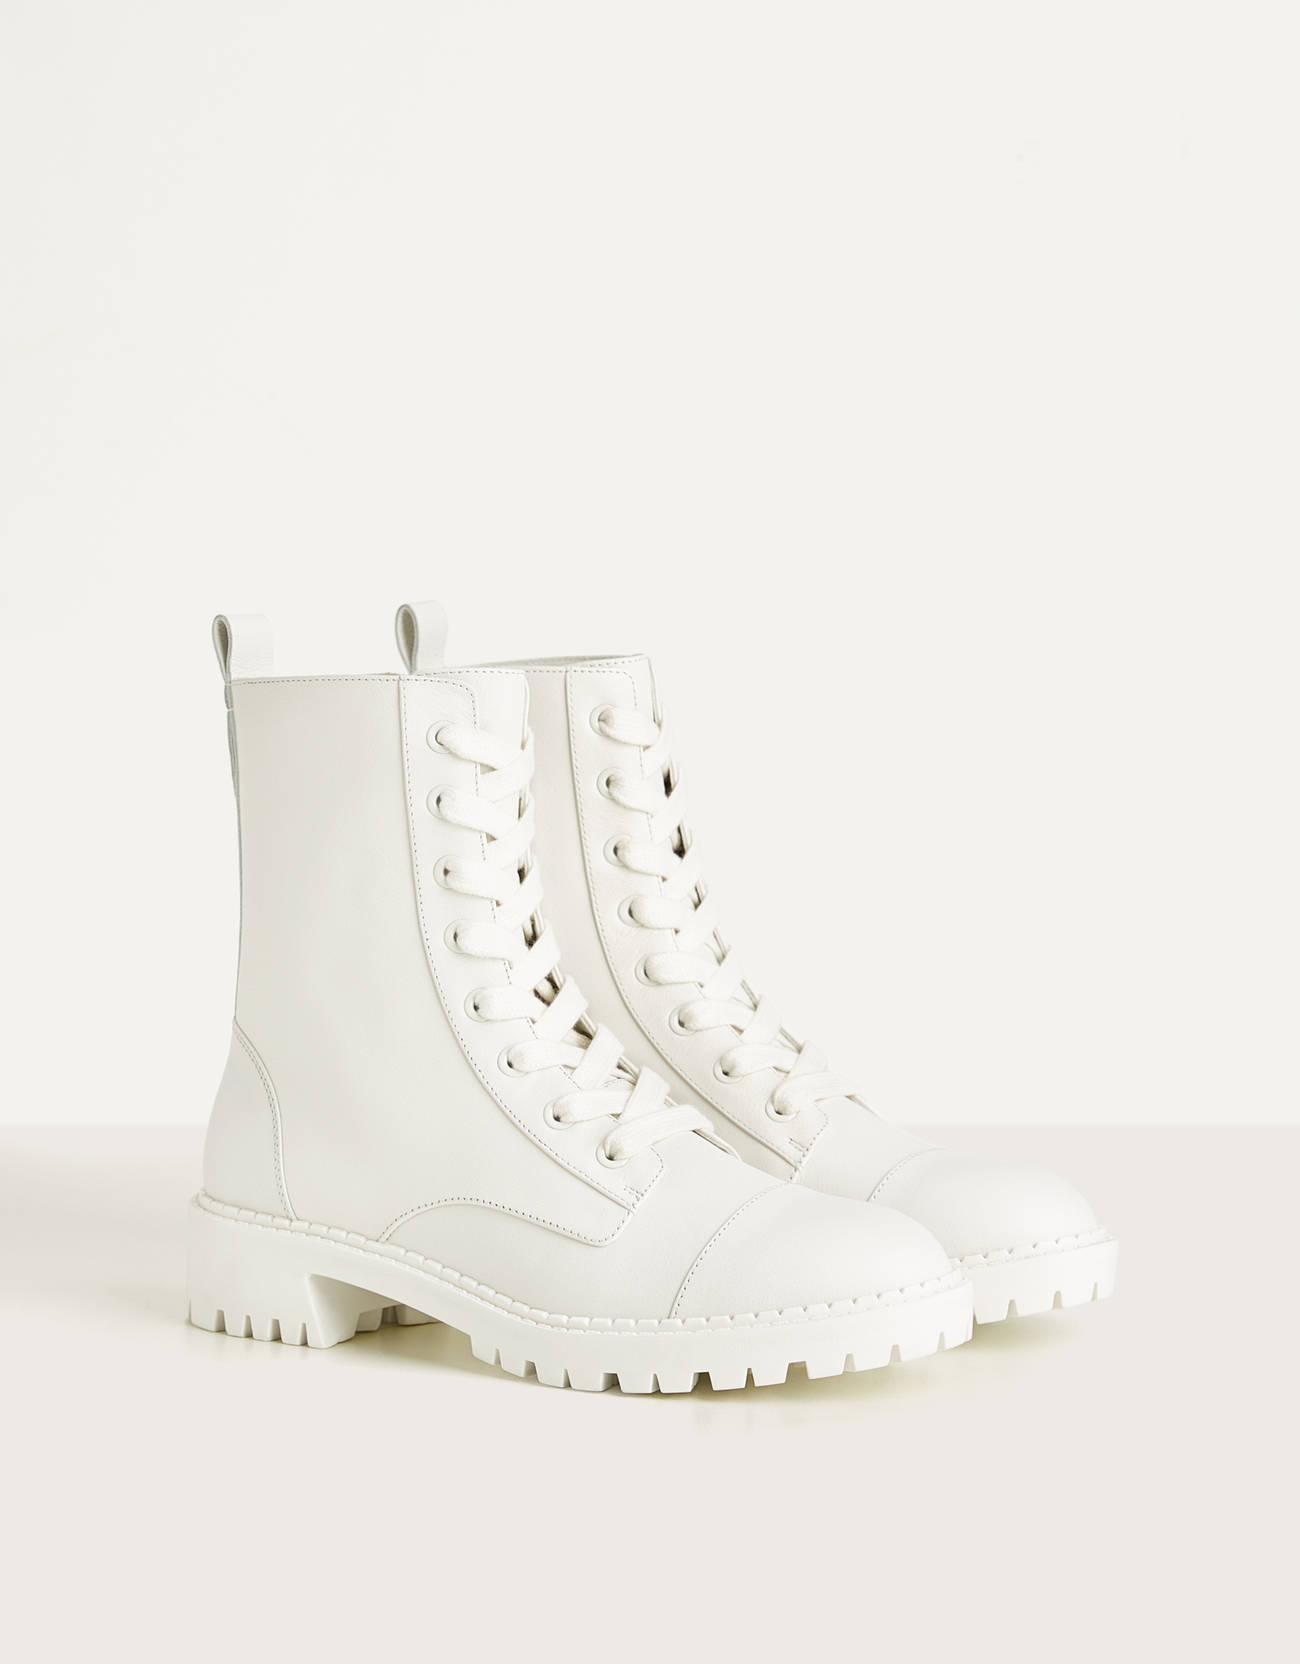 Botas de piel blancas de estilo militar